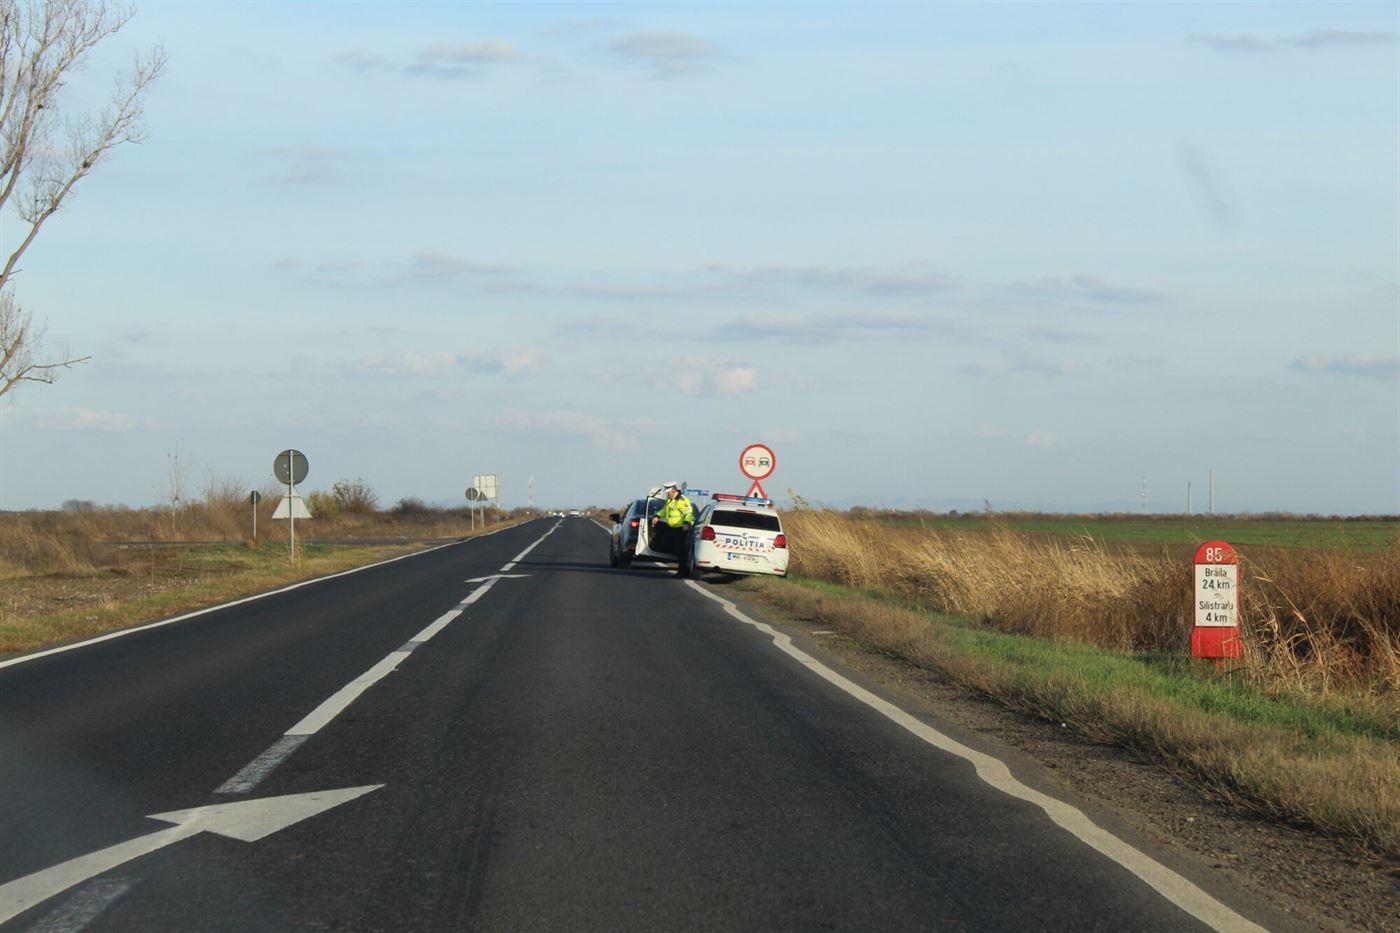 Brăilean depistat de radar cu 201km/h pe DN 2B, în afara localității Silistraru